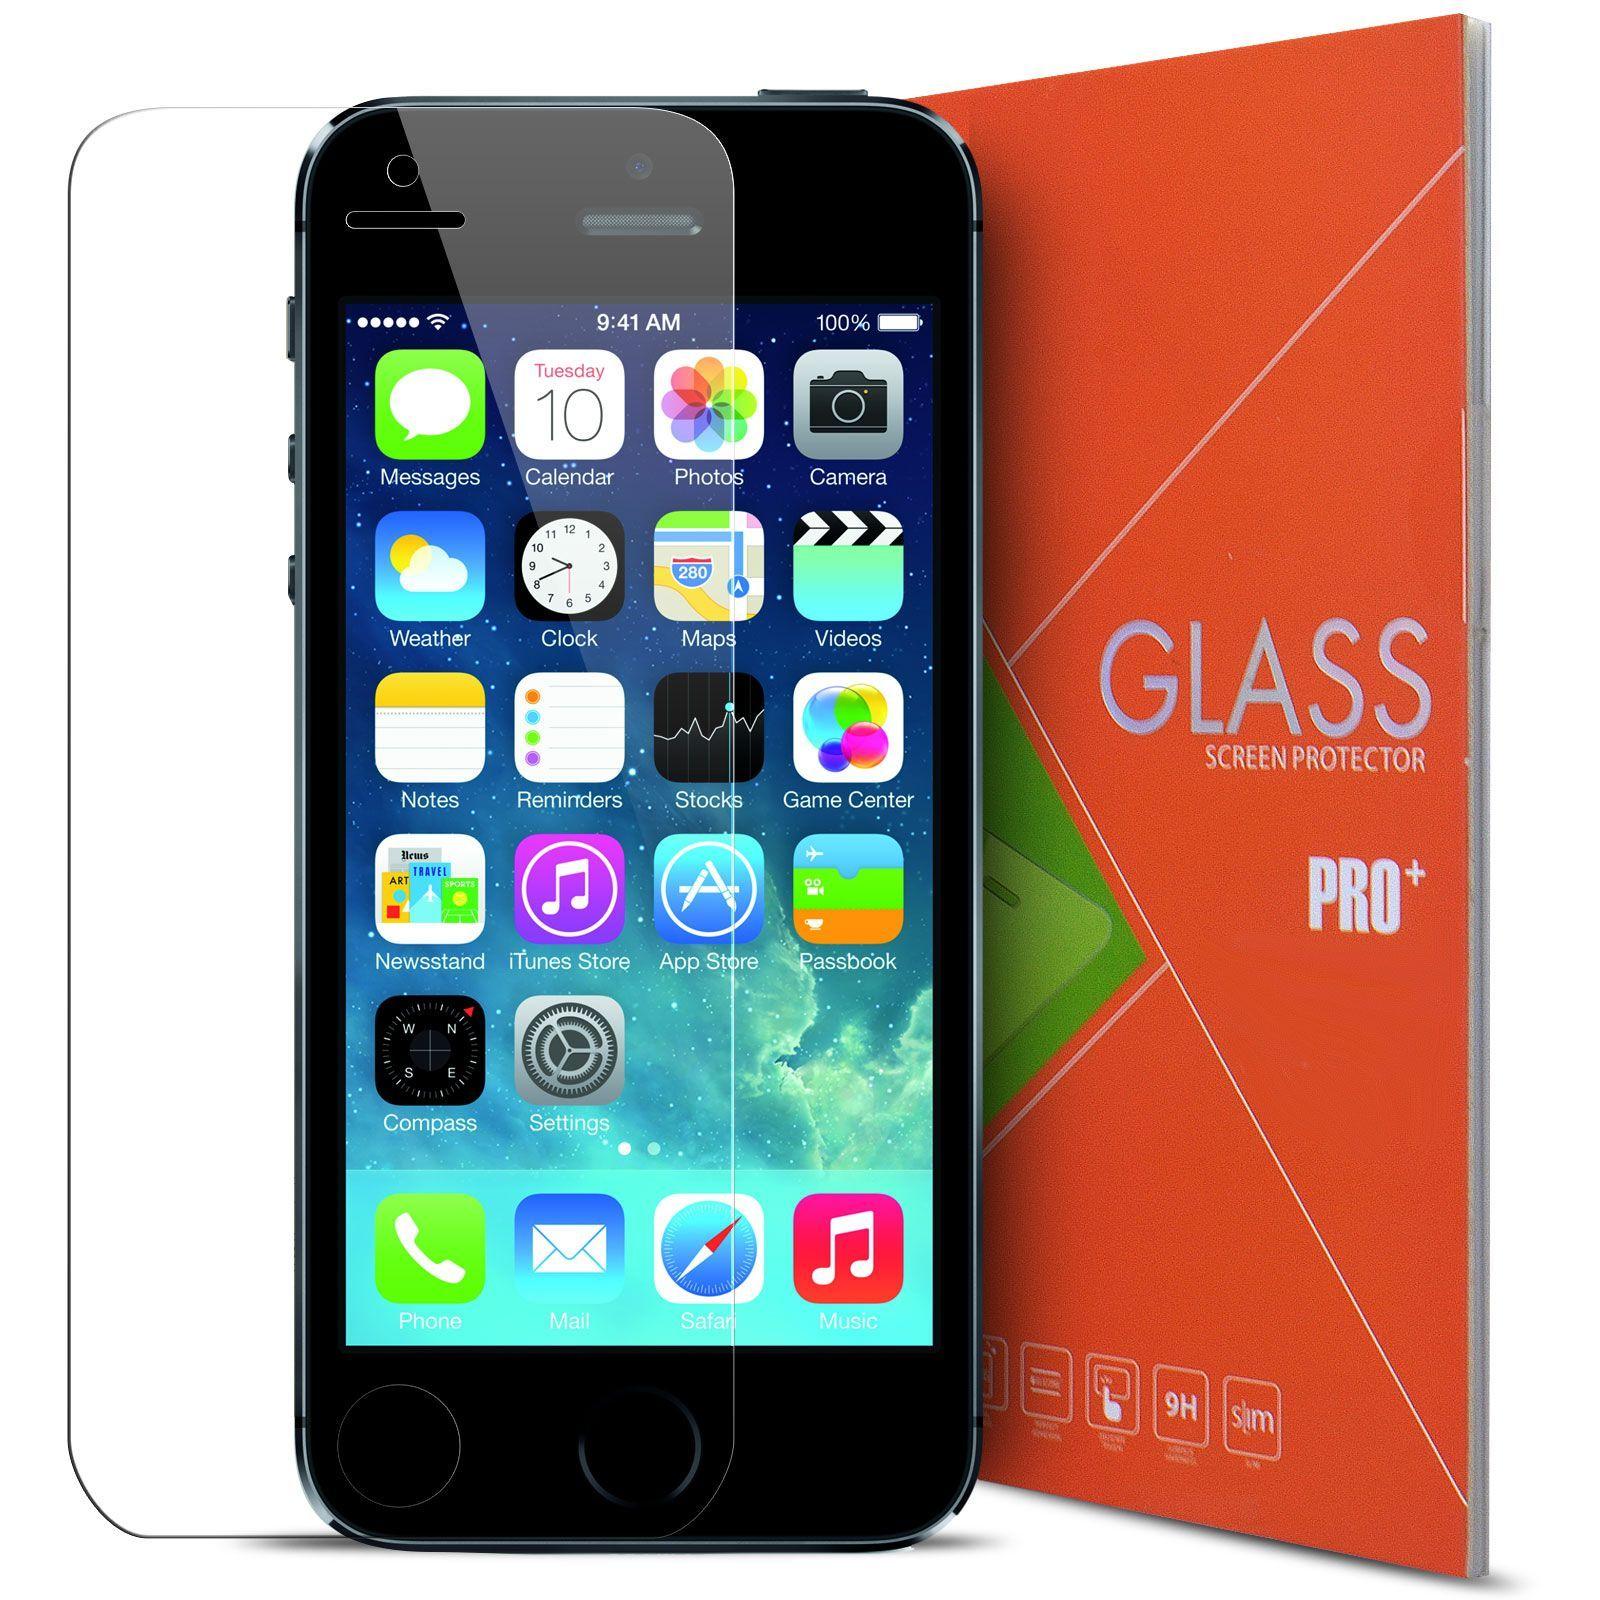 Caseink - Protection �cran Verre Tremp� Apple Iphone 5/5s/Se/5c - 9h S�ries Glass Pro+ Hd [ Duret� Extreme 9h Epaisseur 0.33mm Angles Incurv�s 2.5d ]